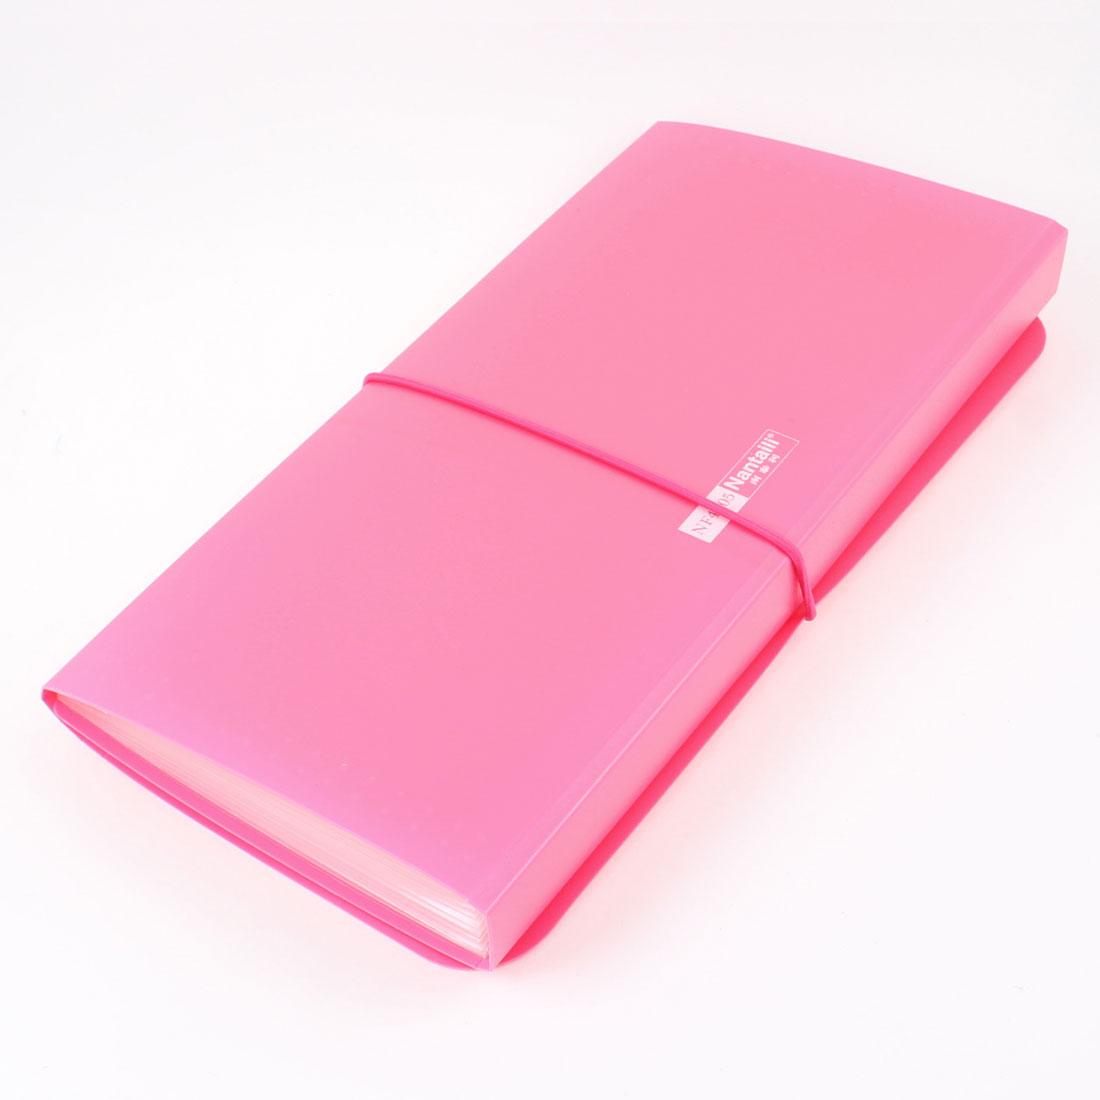 Flexible Strap Closure 13 Pocket Plastic Cover Bill Paper File Folder Fuchsia